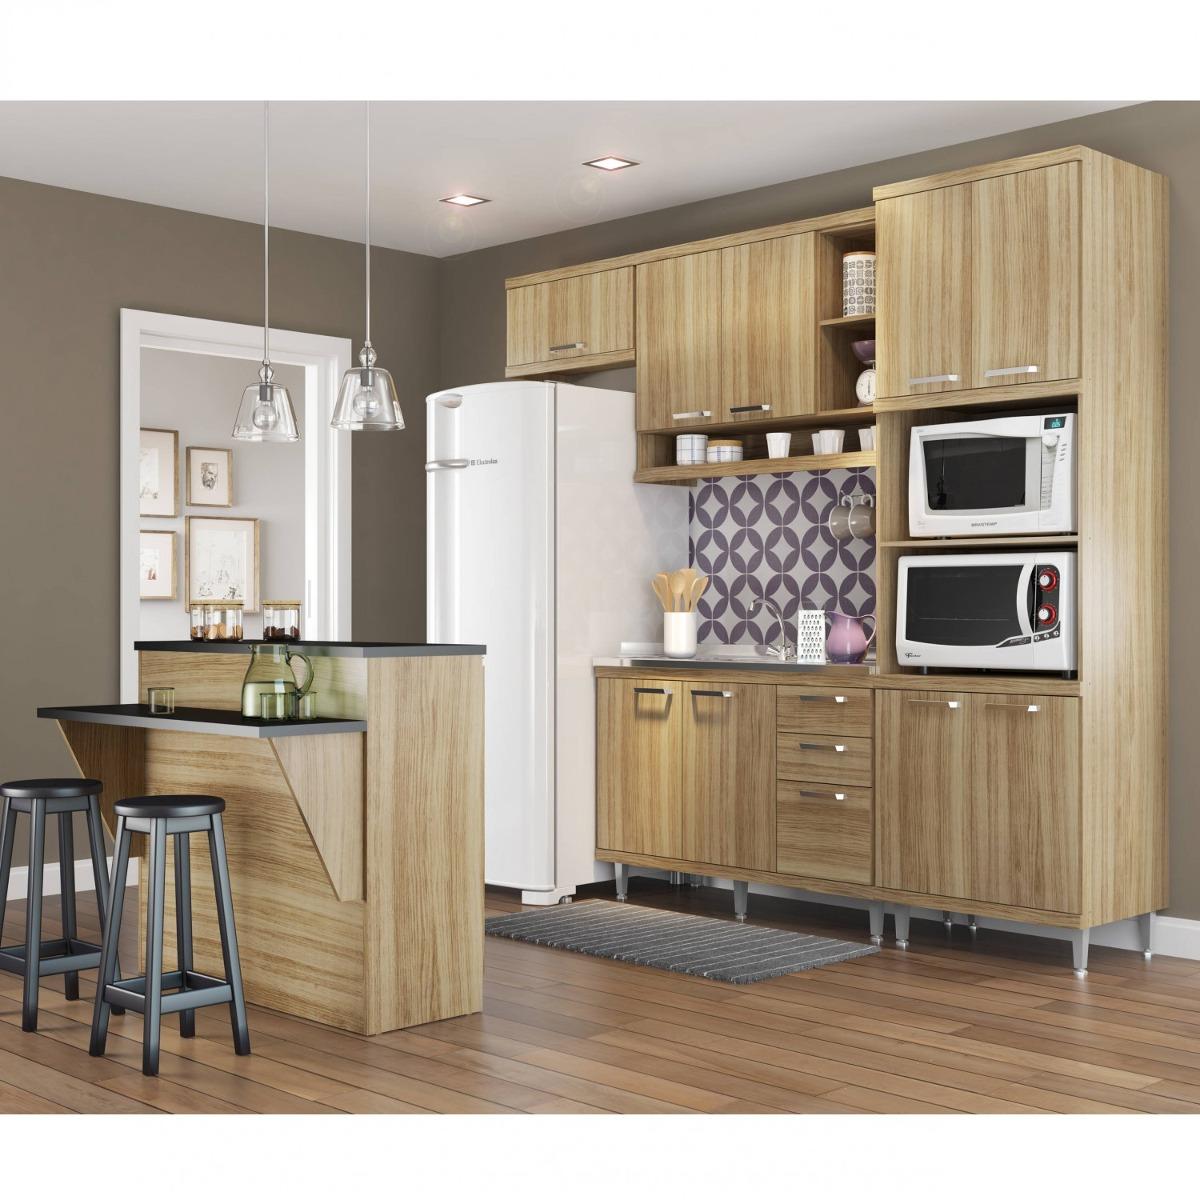 Cozinha Completa Com Bancada E Balc O Sem Tampo 5 Dc R 1 879 90